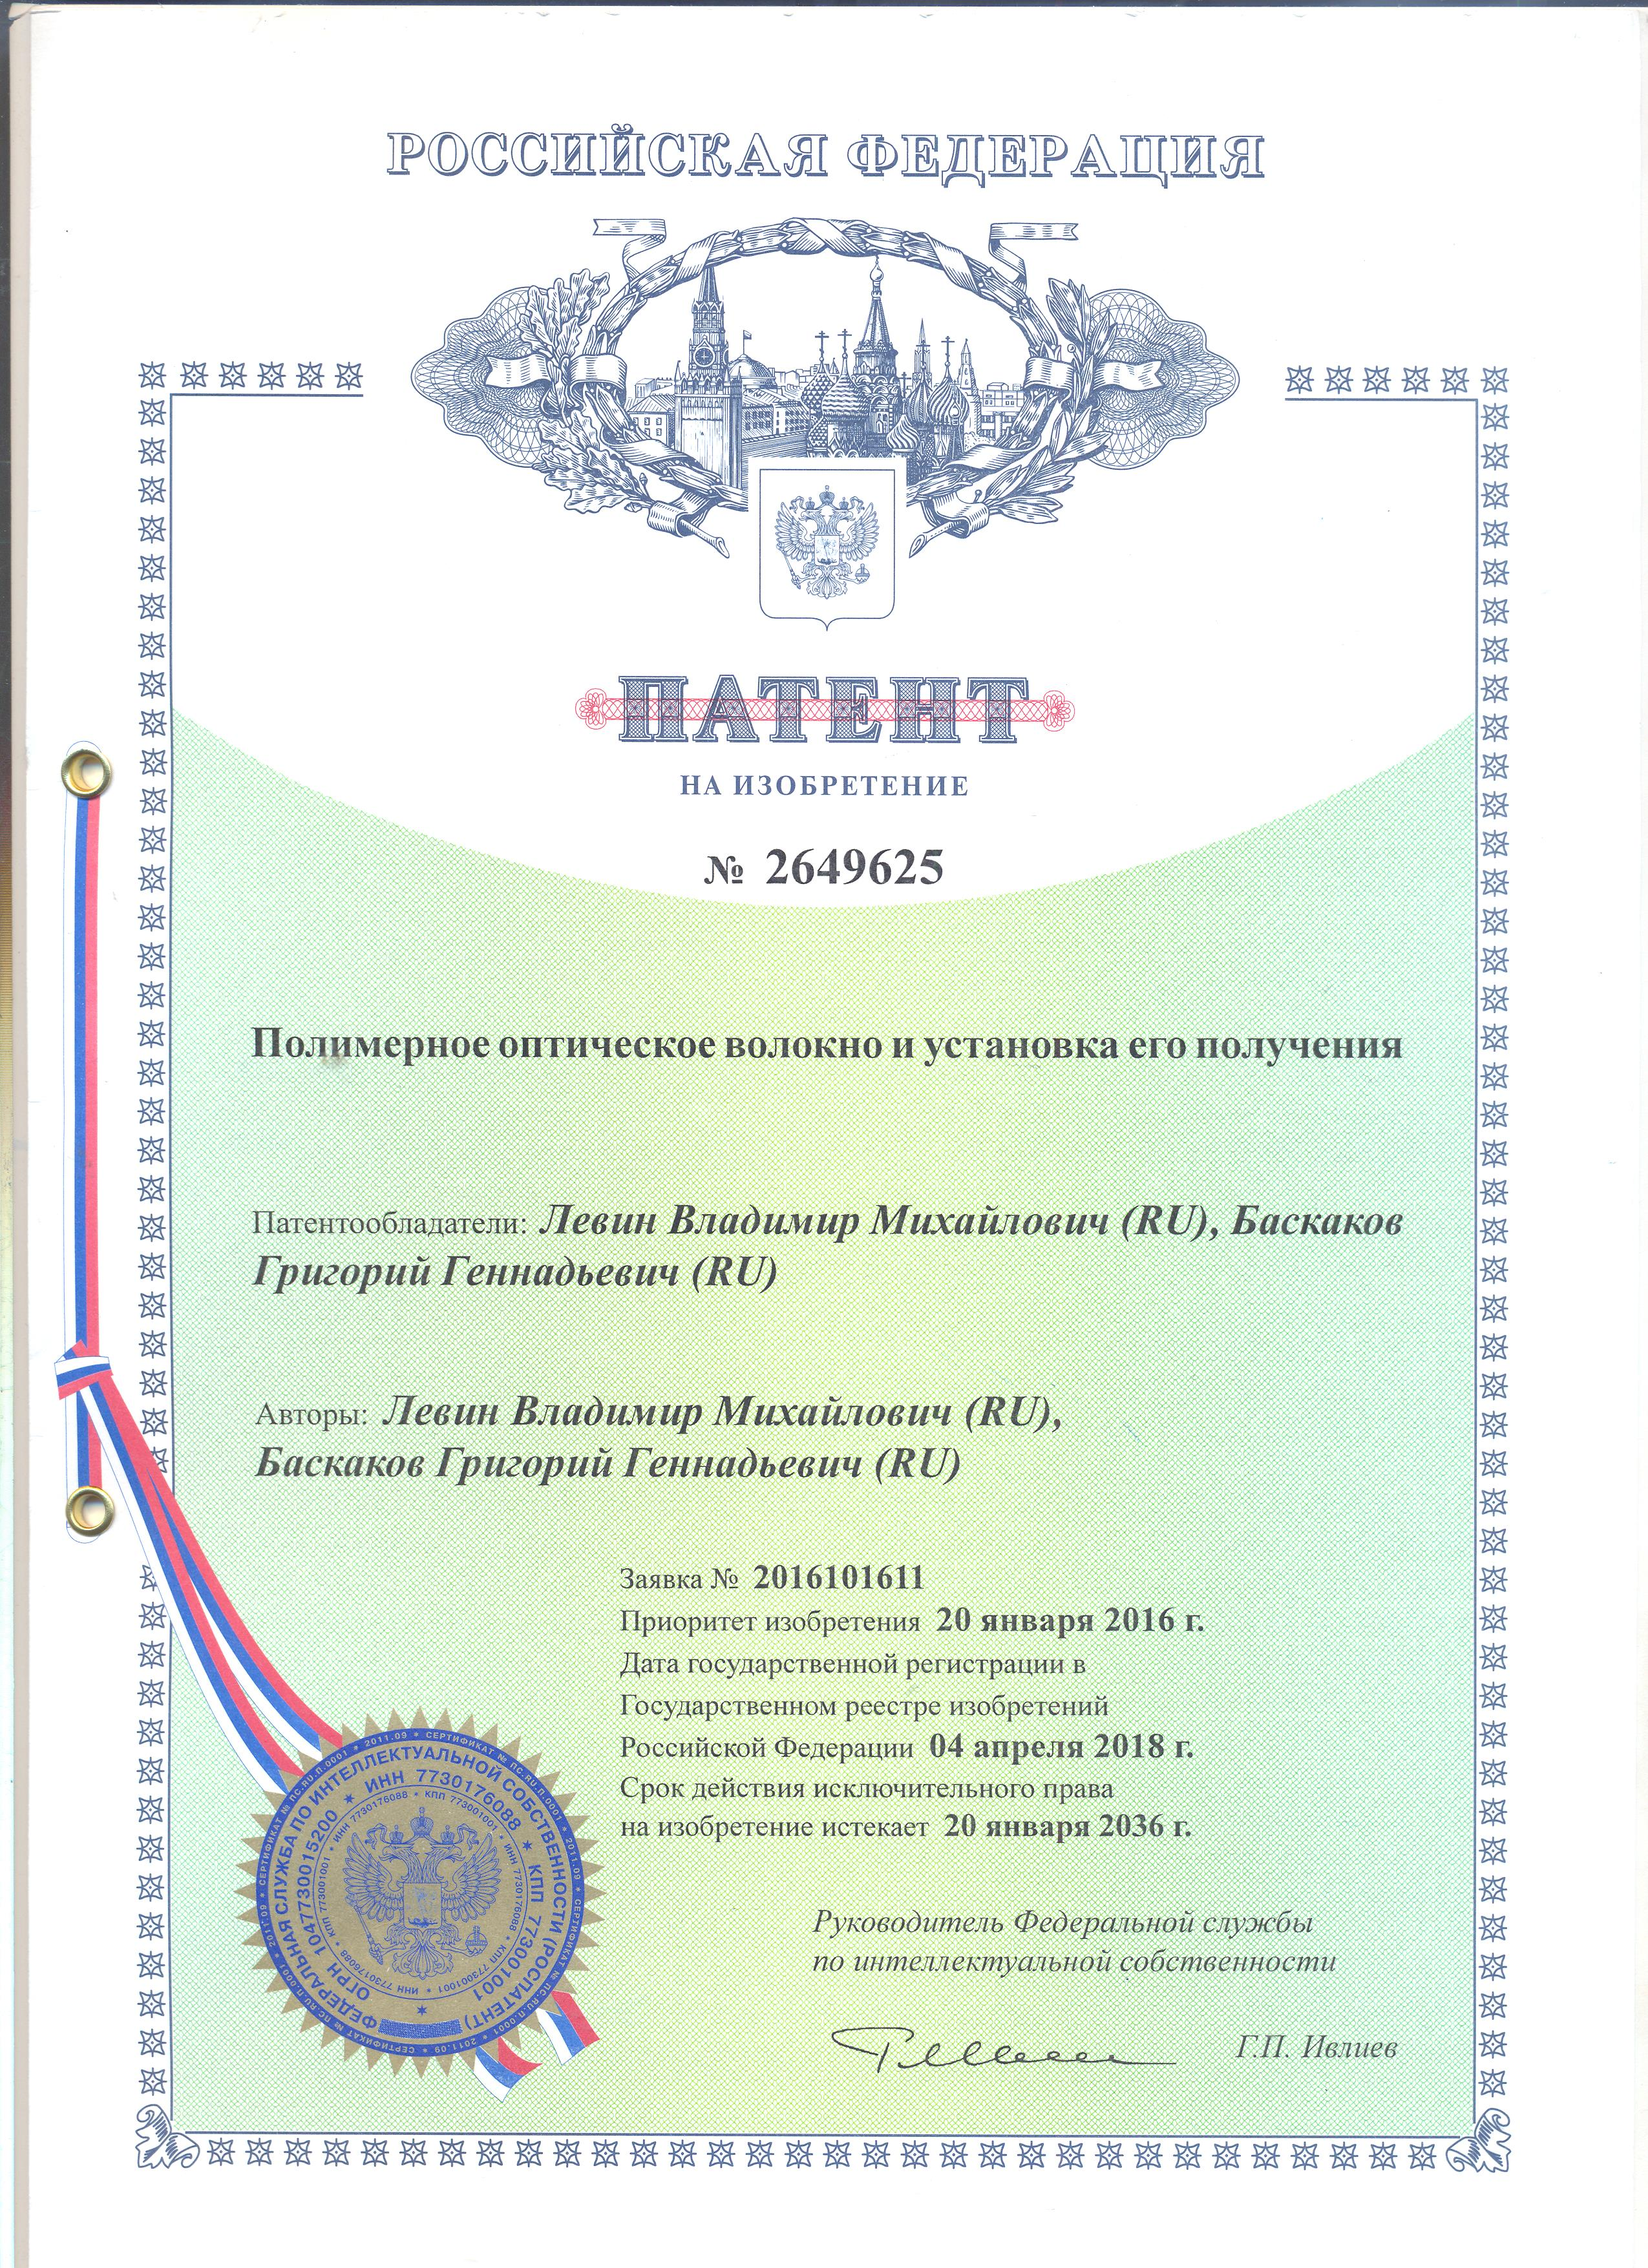 Полимерное оптическое волокно патент